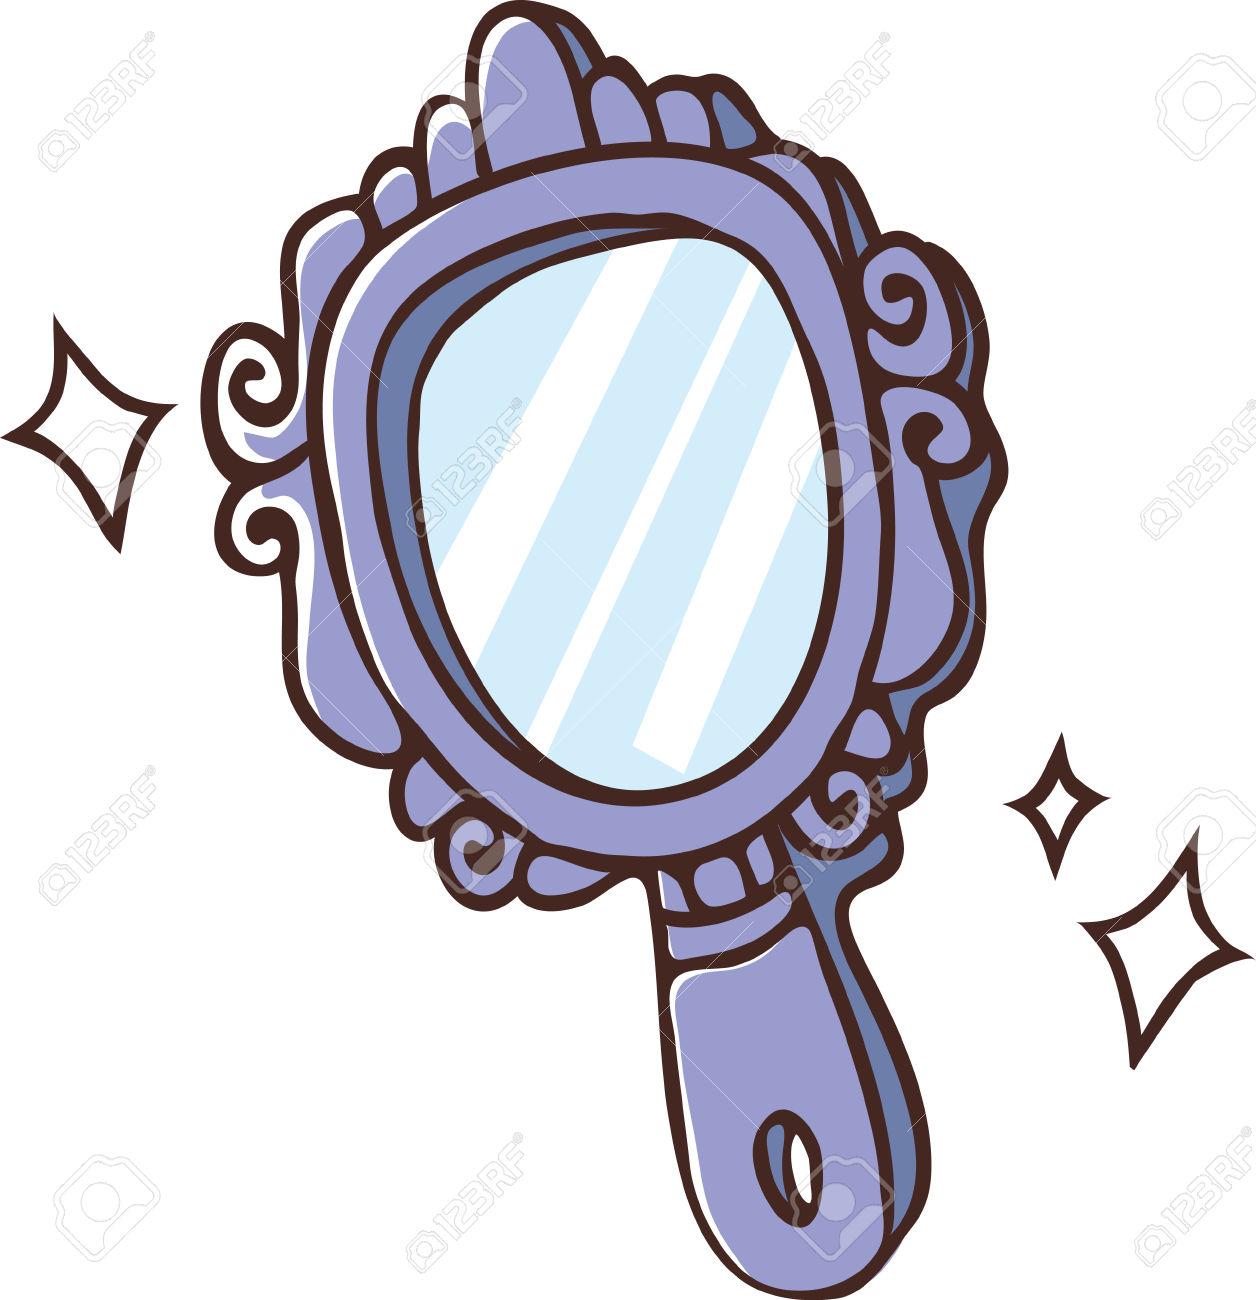 Mirror clipart hand mirror #9